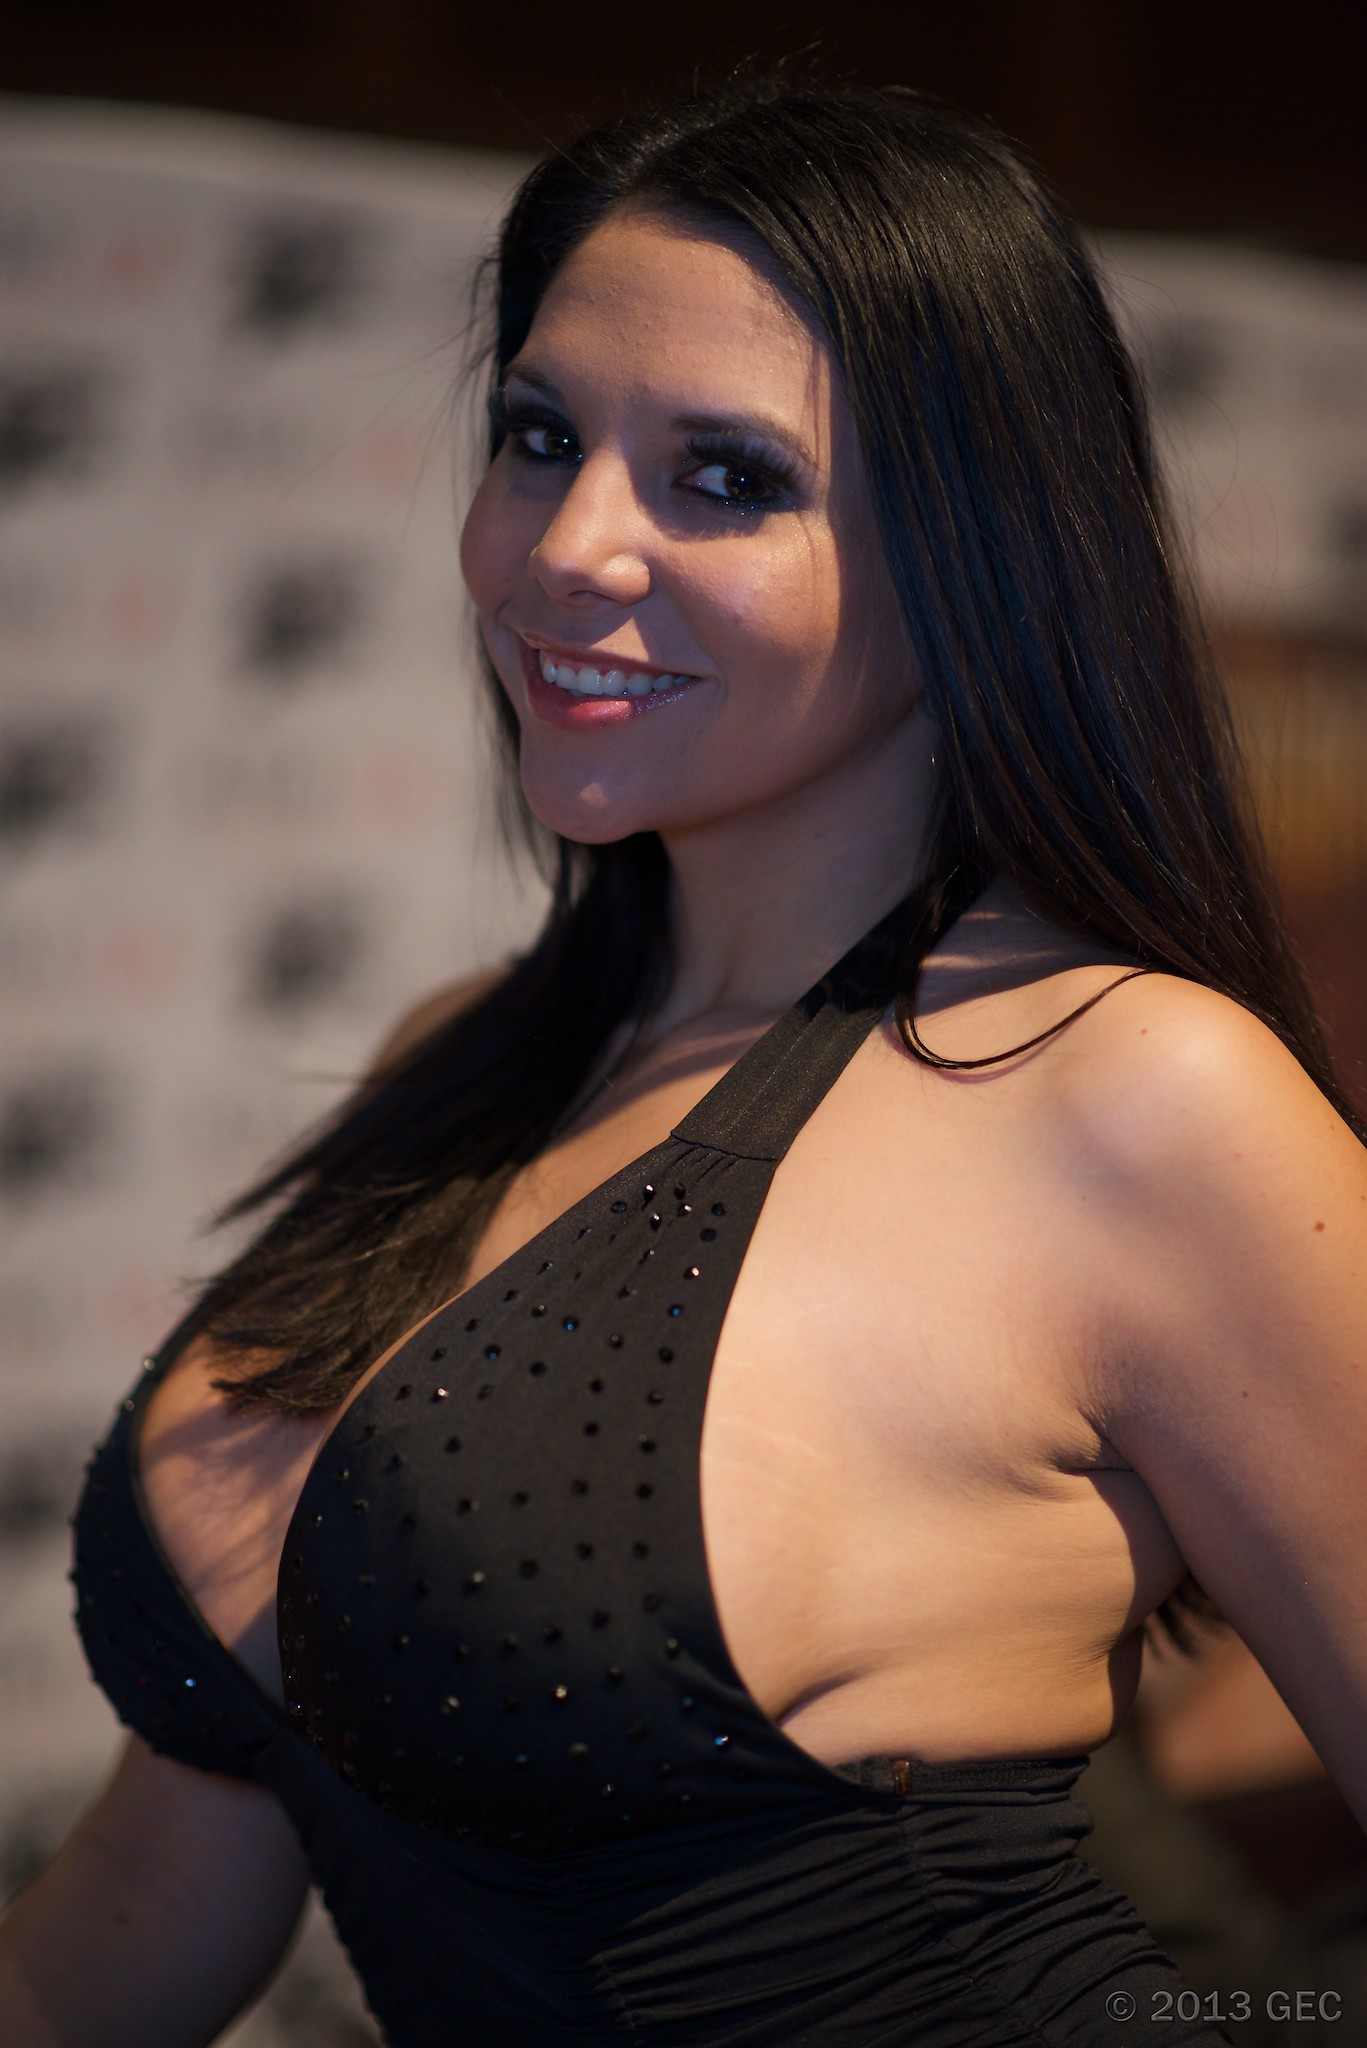 Missy martinez википедия